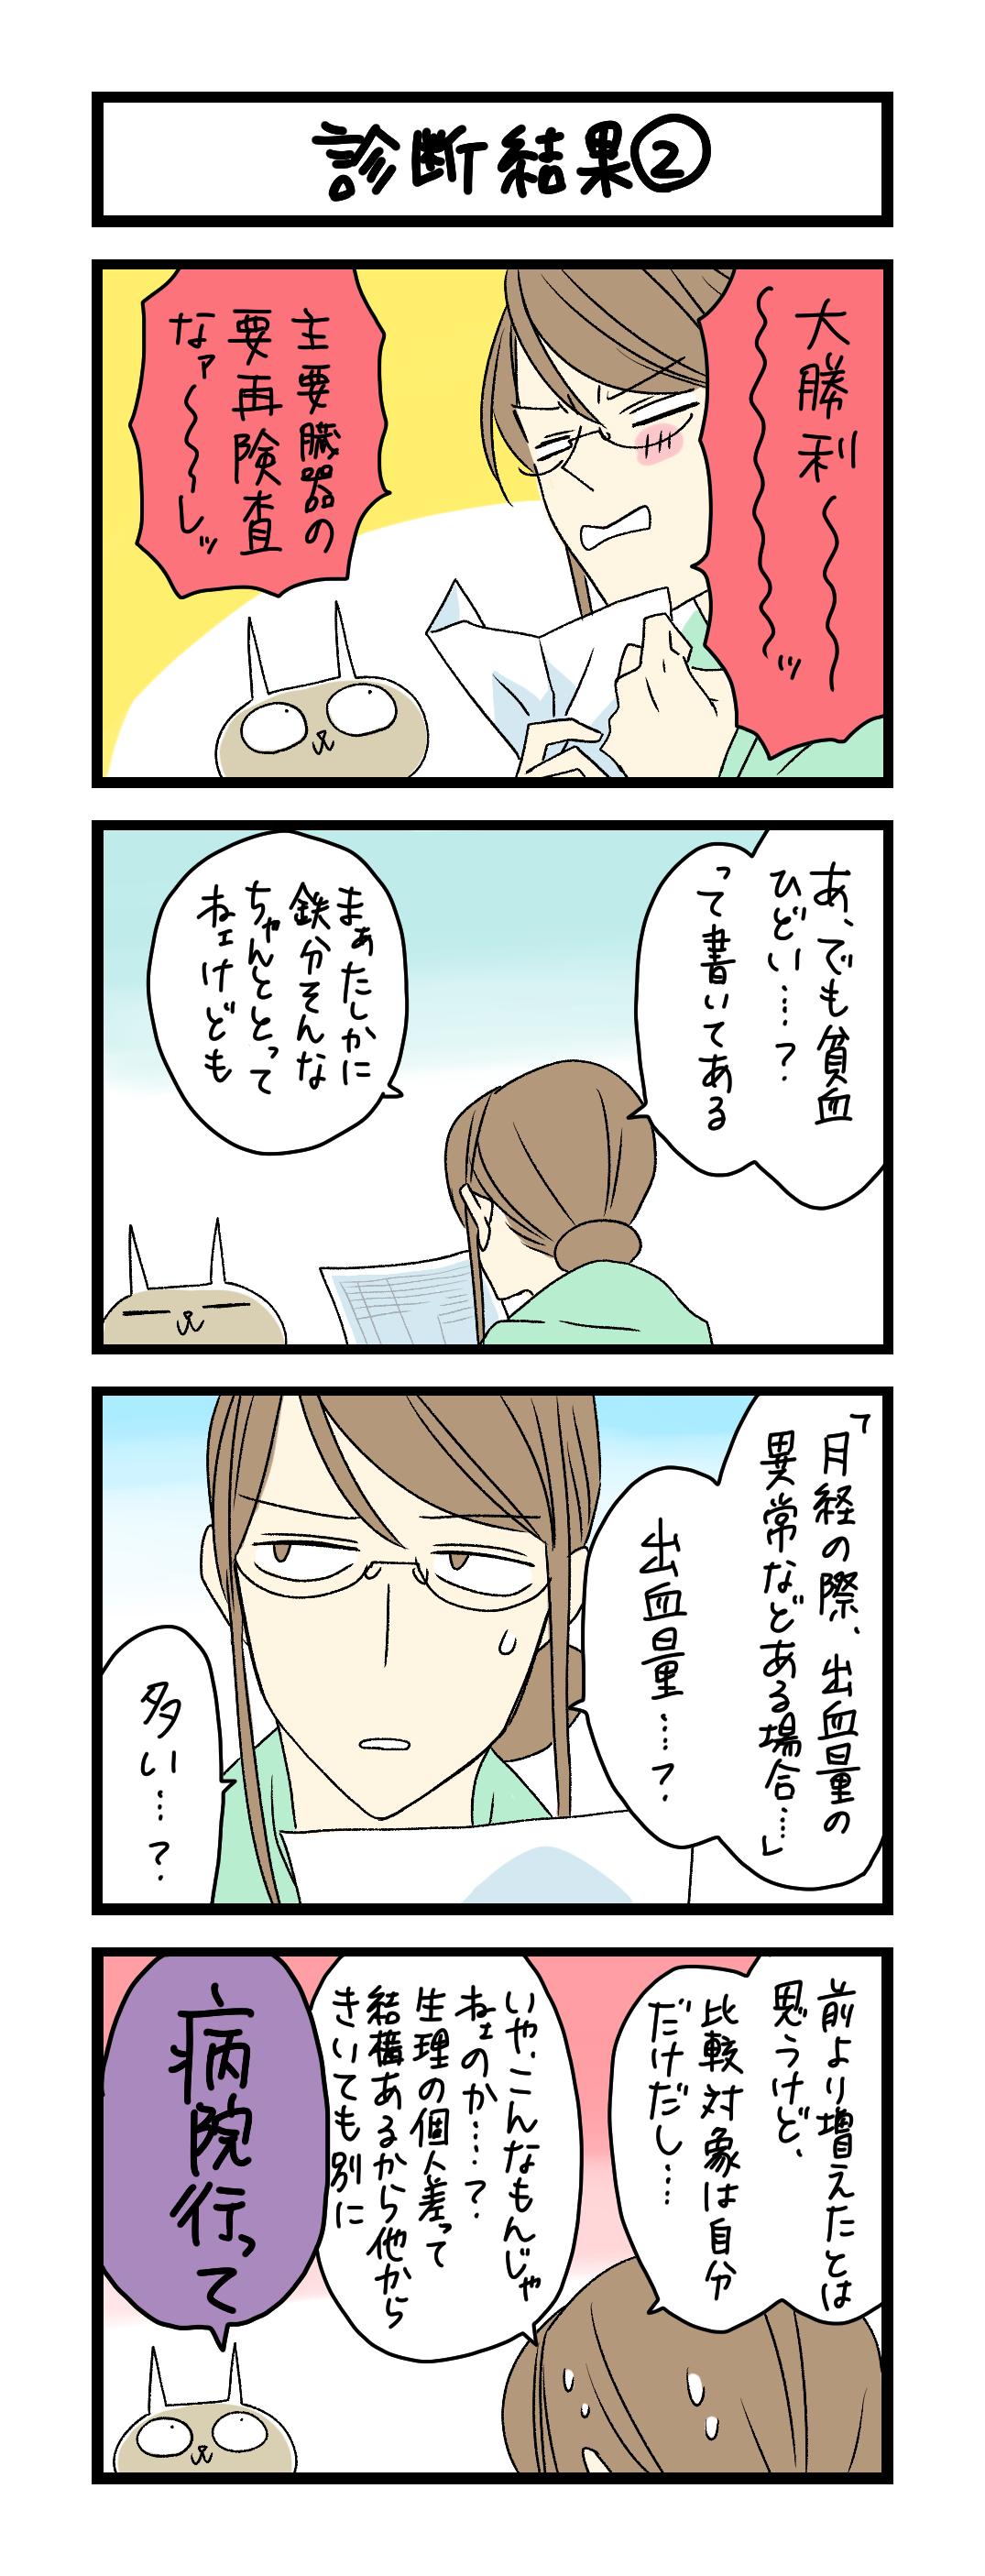 診断結果 (2)